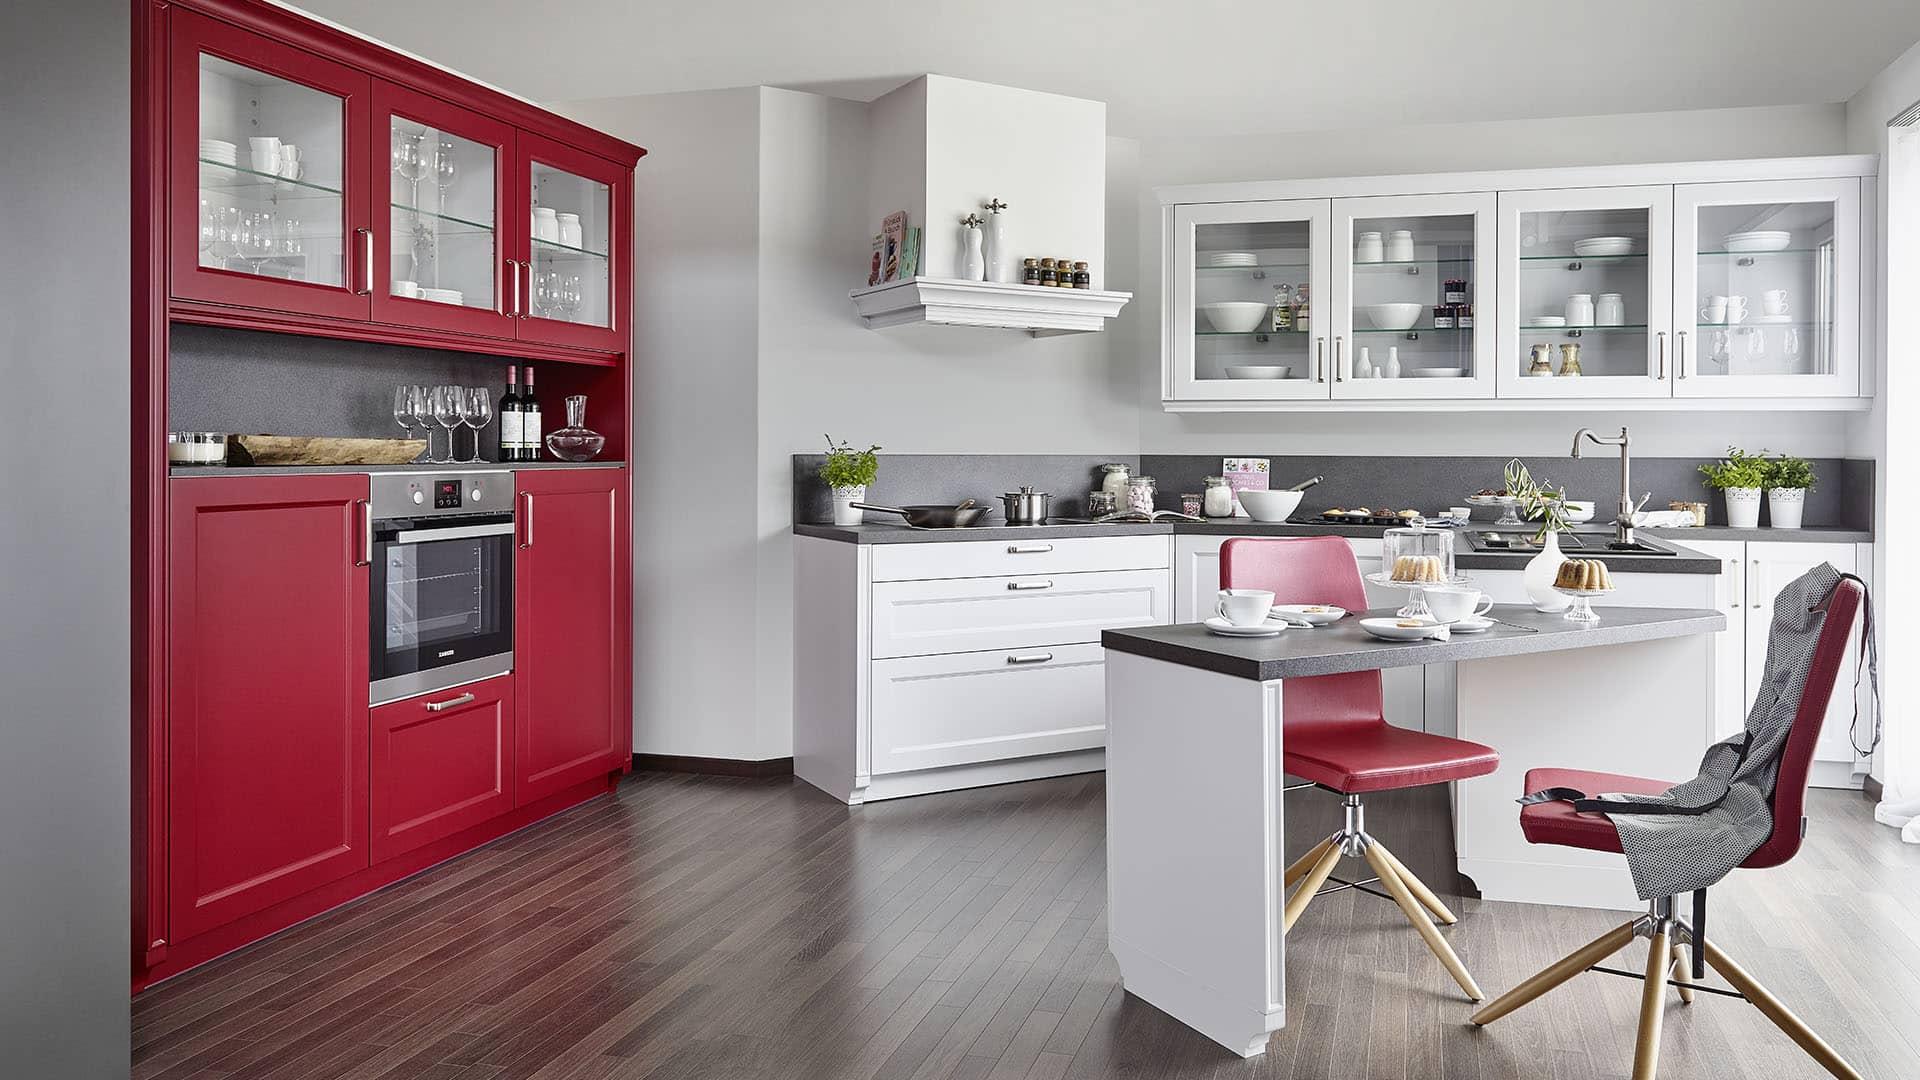 Nieuwe Badkamer Deventer : Het keukenhuus.nl keukens badkamers vloeren verbouwingen